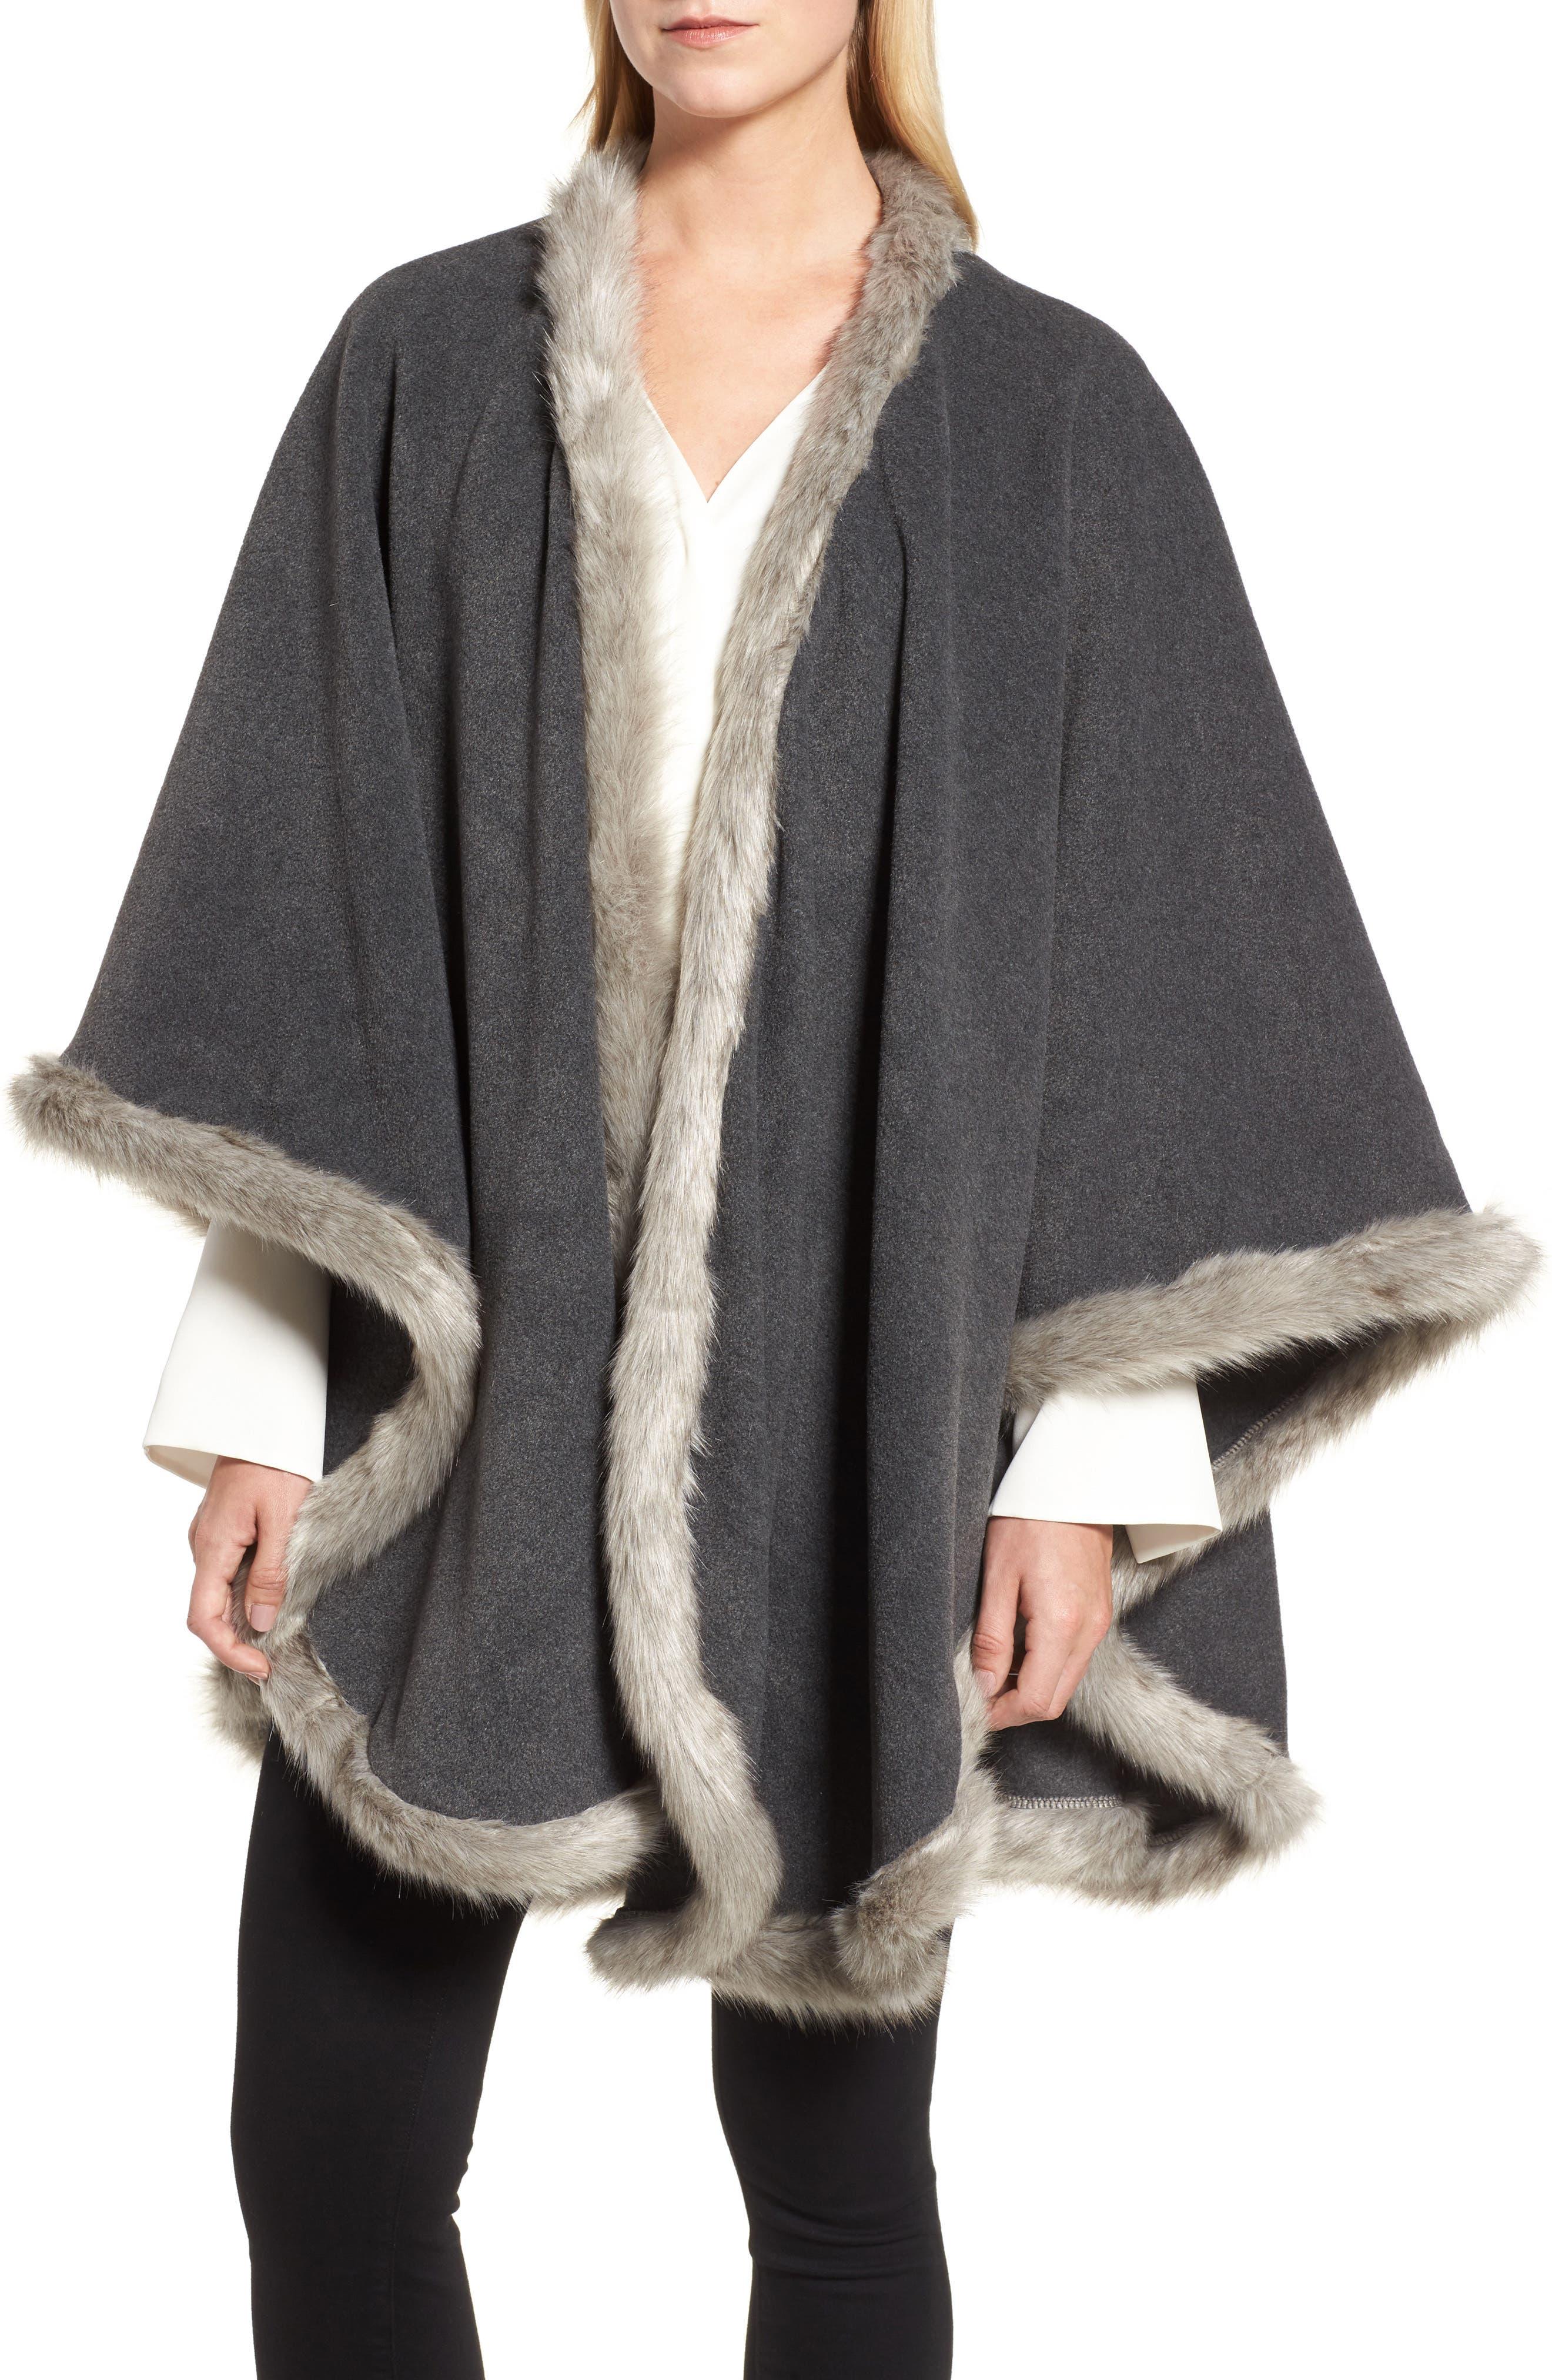 Tara Faux Fur Trim Wrap,                             Main thumbnail 1, color,                             Charcoal/ Granite Fox